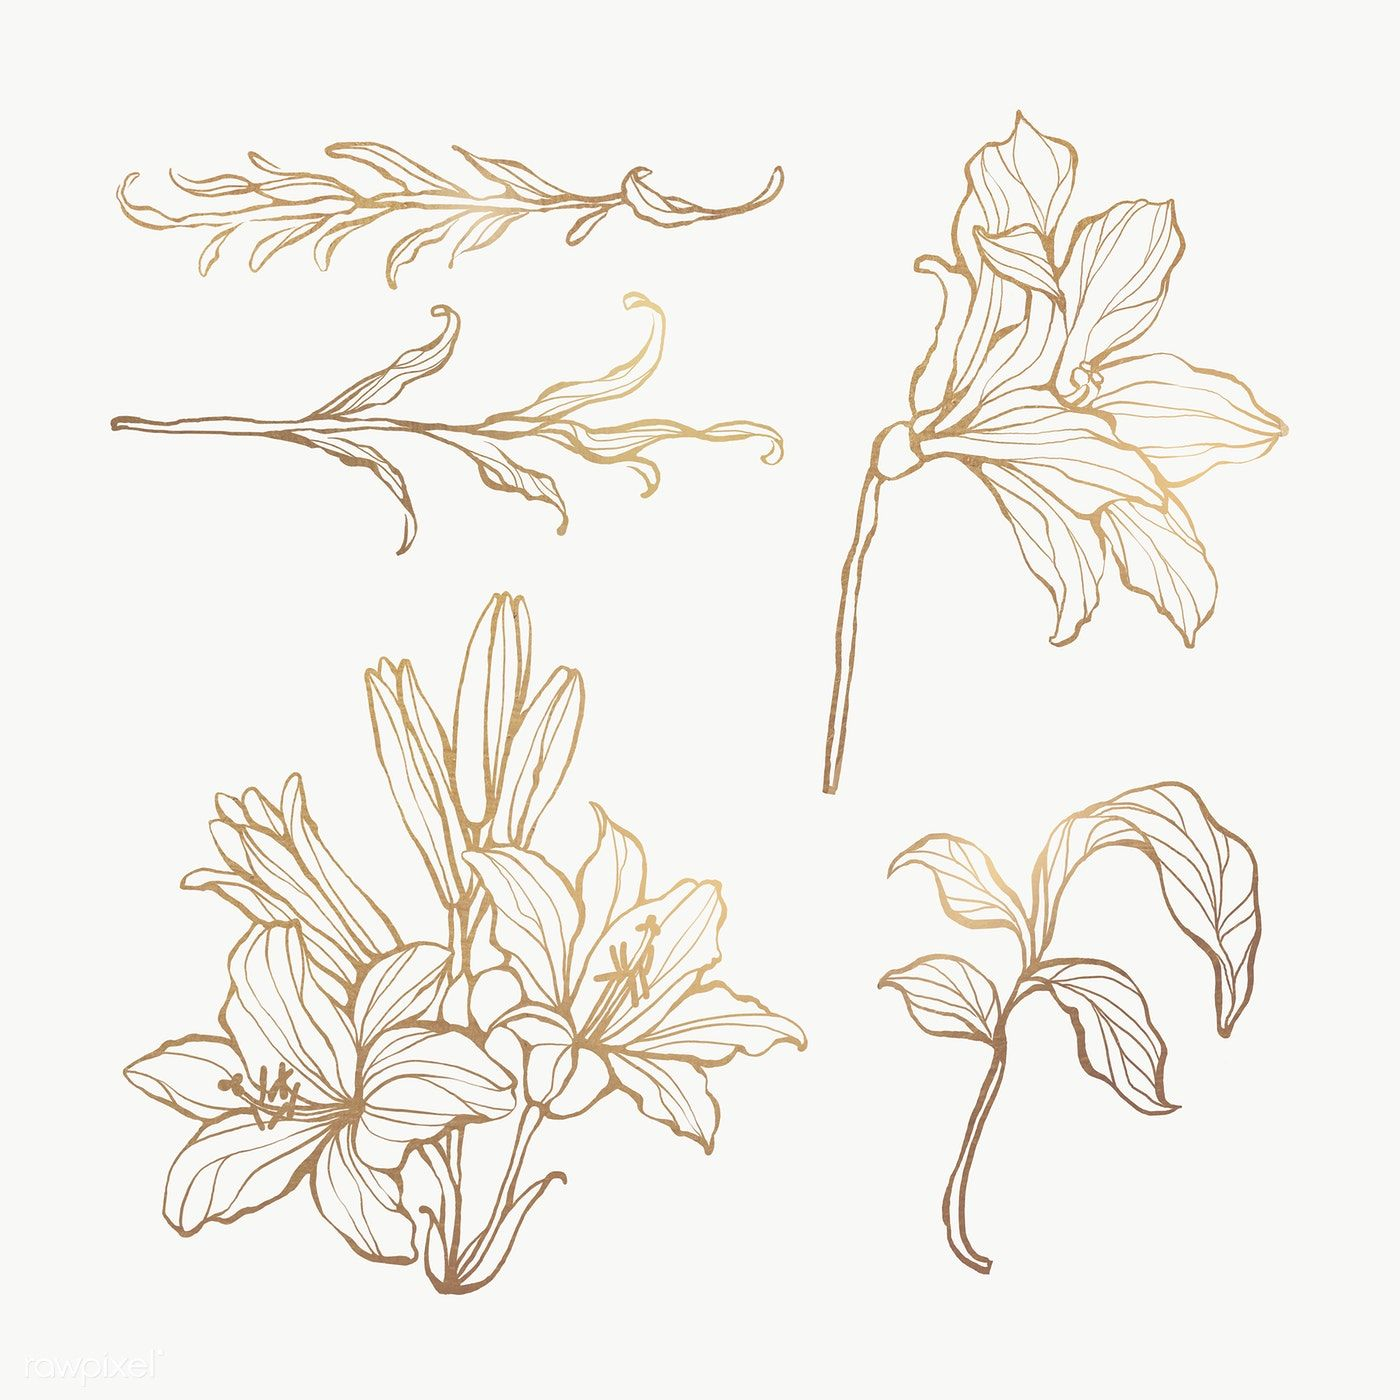 Gold Floral Outline Set Transparent Png Premium Image By Rawpixel Com Nunny Flower Outline Flower Illustration Leaf Outline